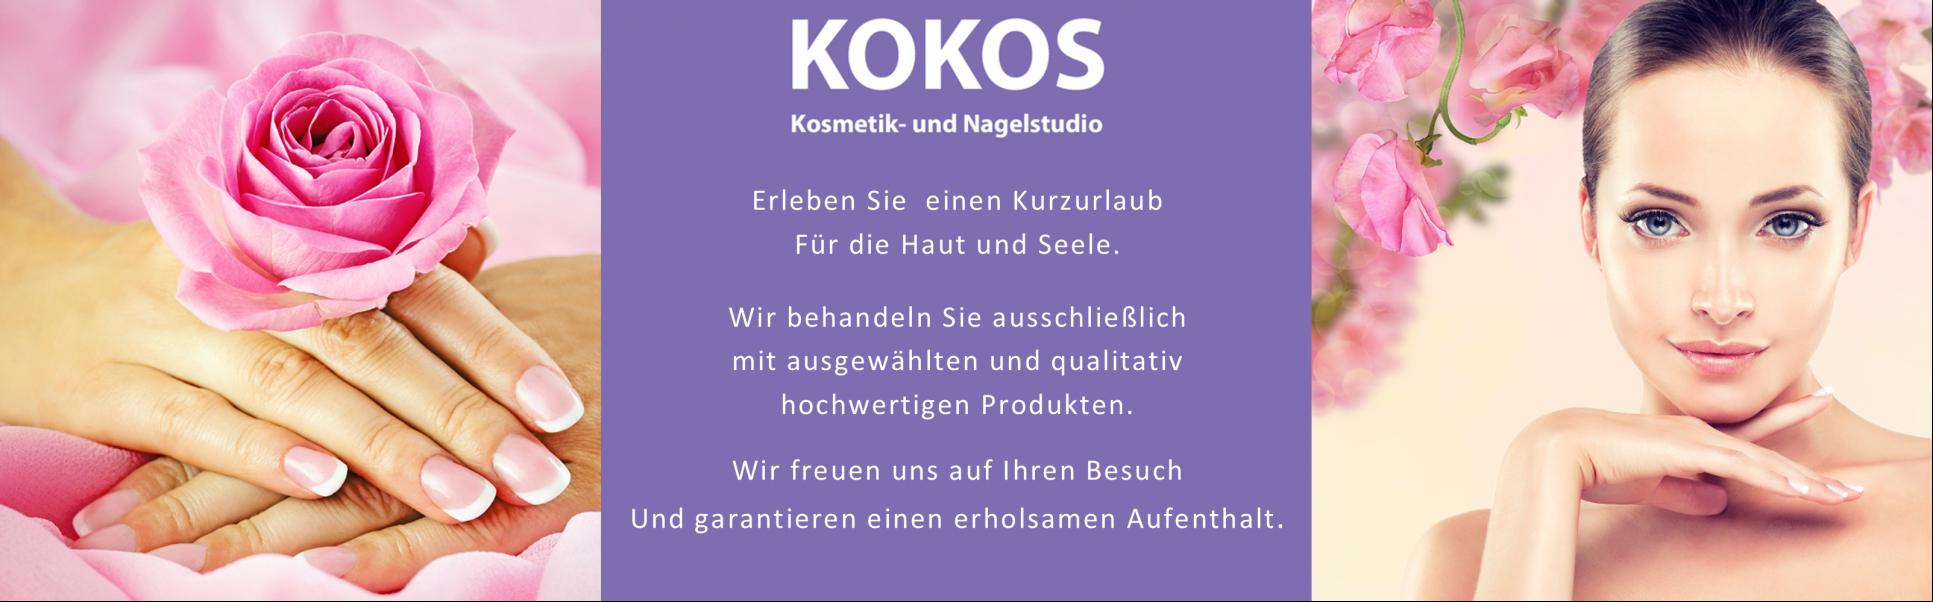 Kokos_Kosmetik-und Nagelstudio-6